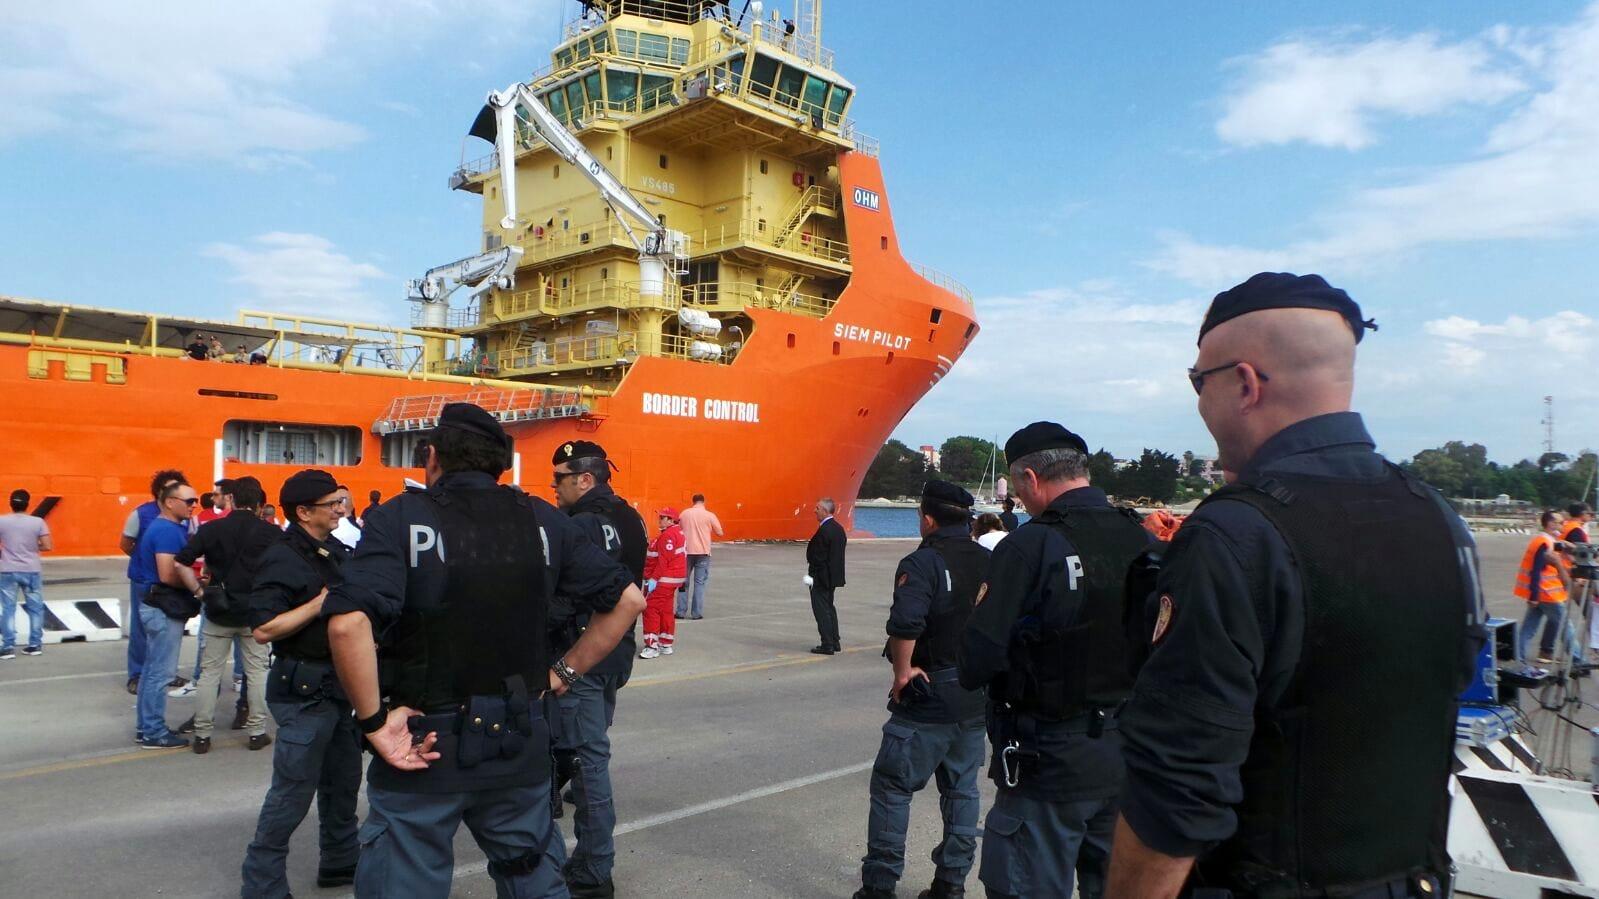 I migranti sbarcati dalla Siem Pilot 4-2